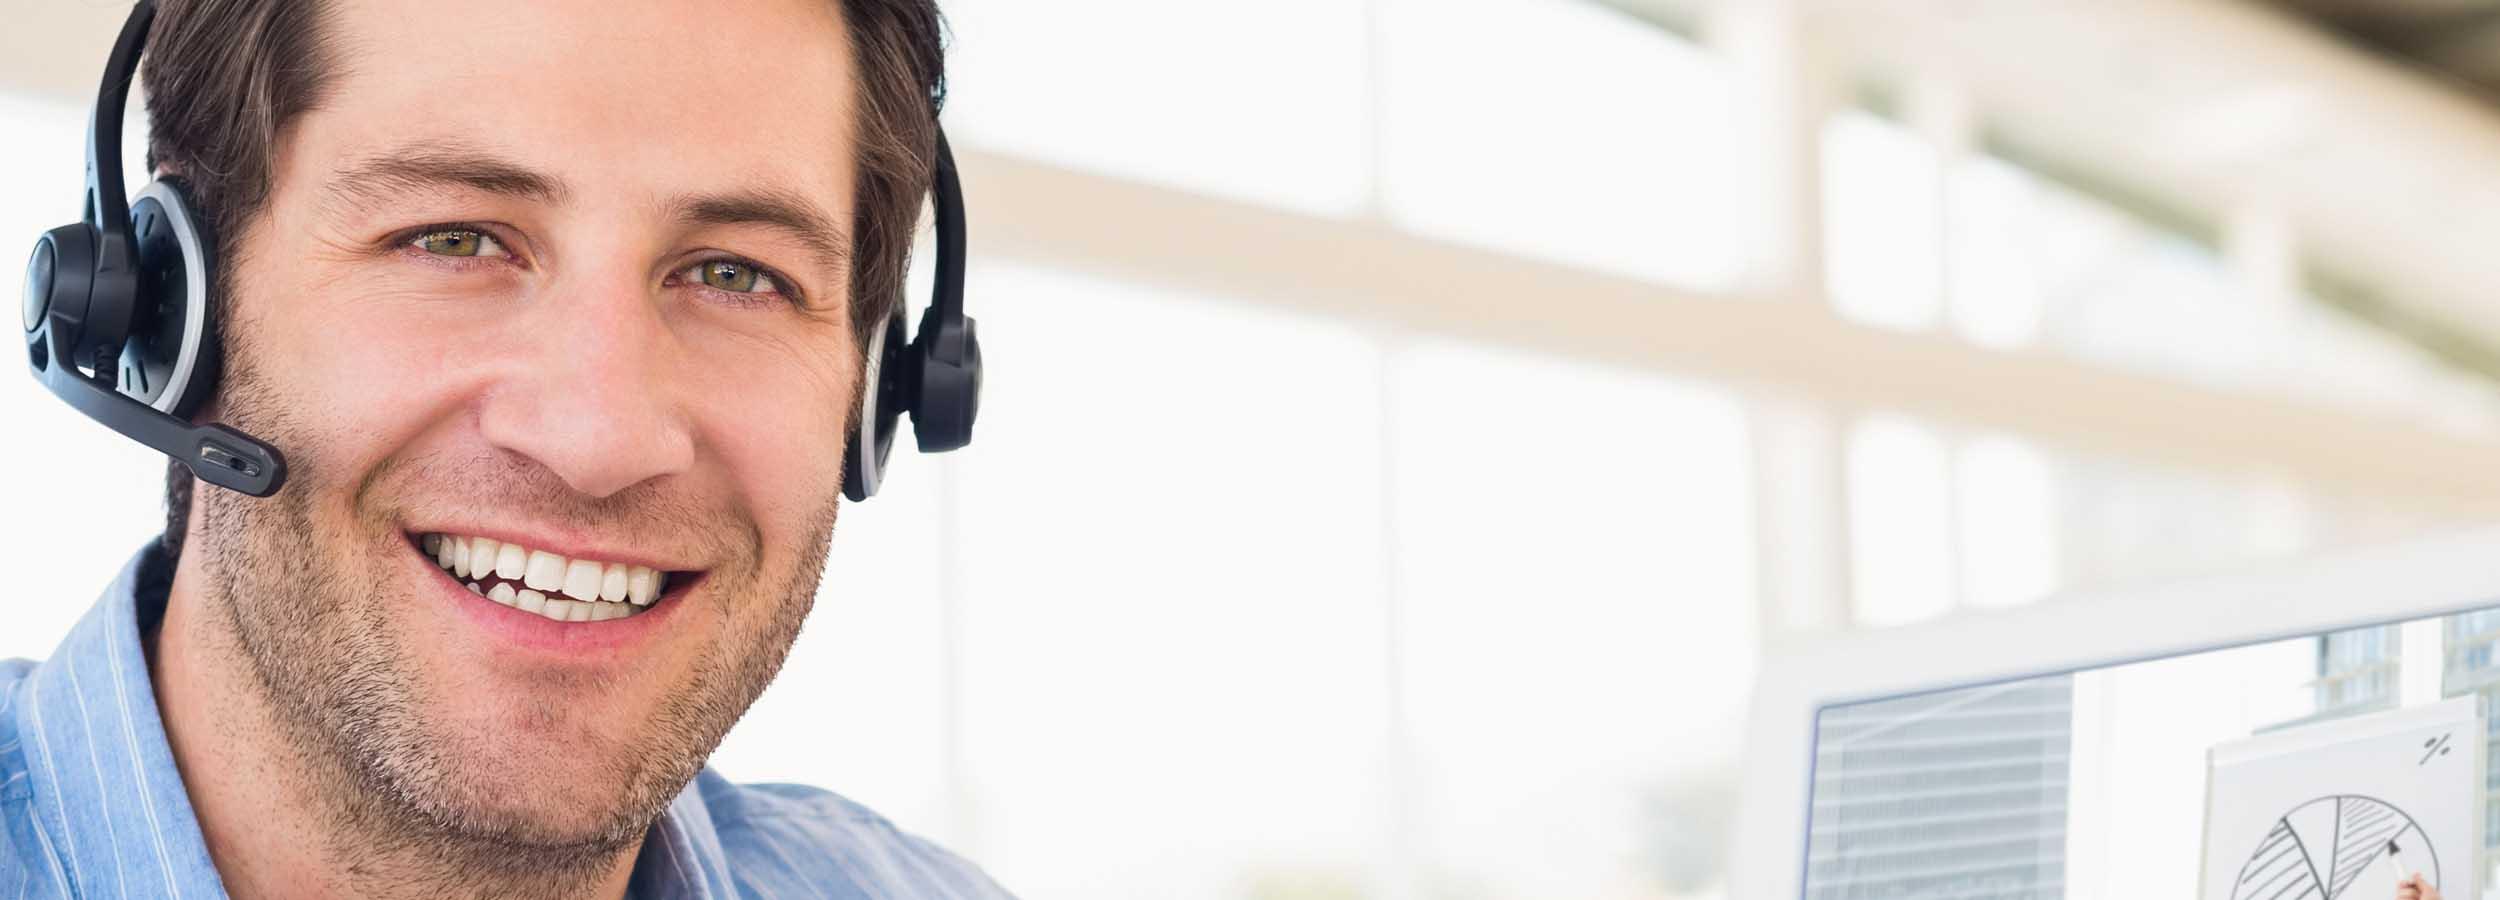 TNG rekryterar och hyr ut konsulter inom IT-support och drift i hela Sverige